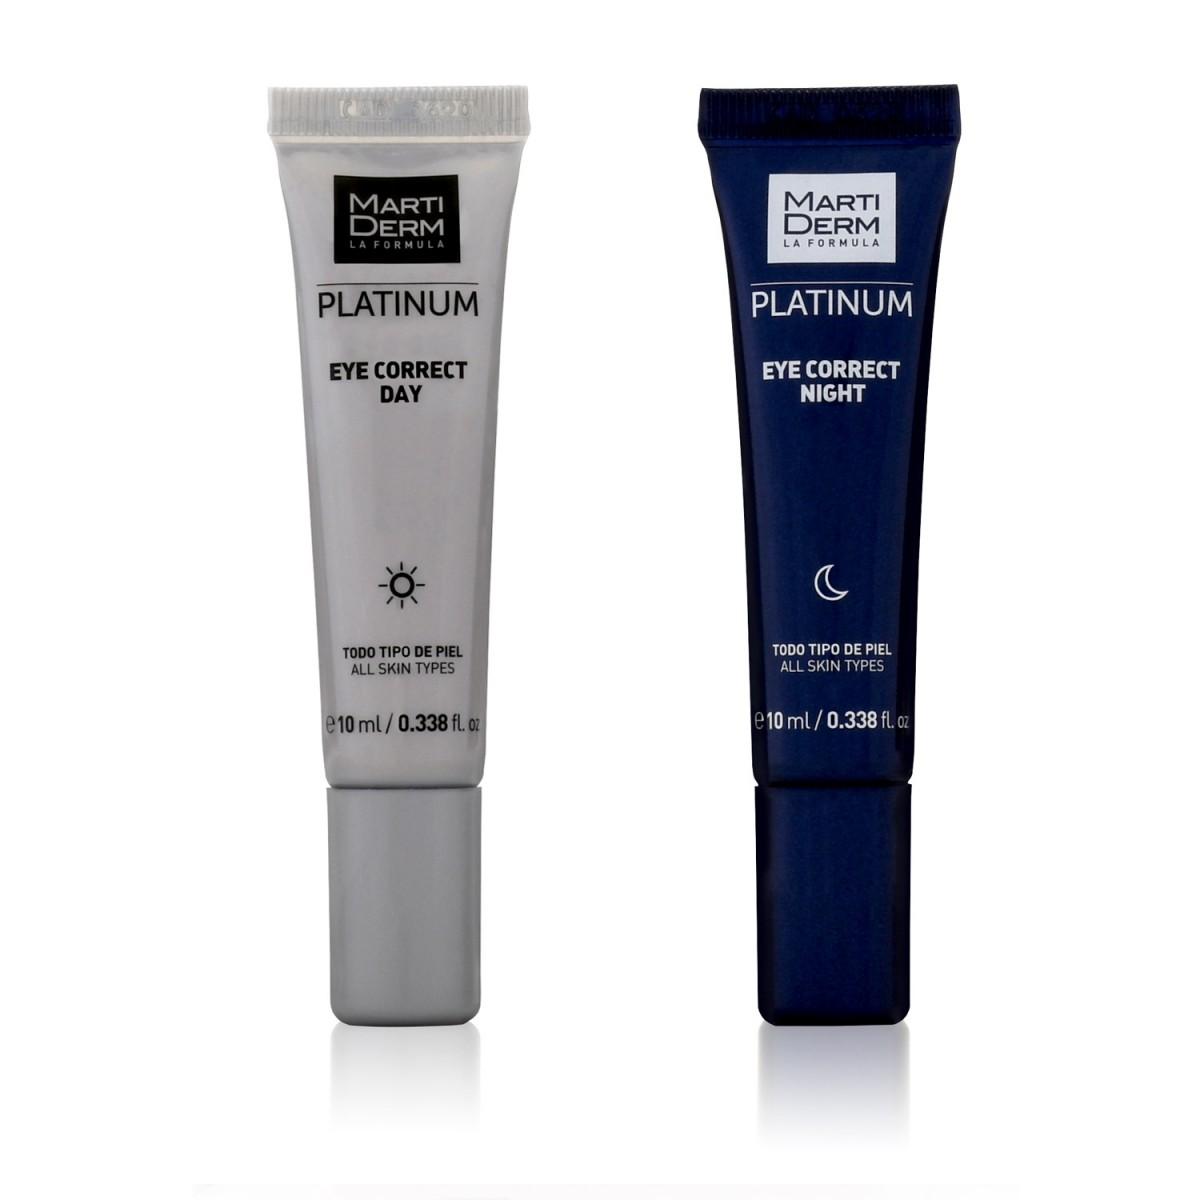 Крем для контура глаз Eye Correct Platinum Martiderm 2х10мл